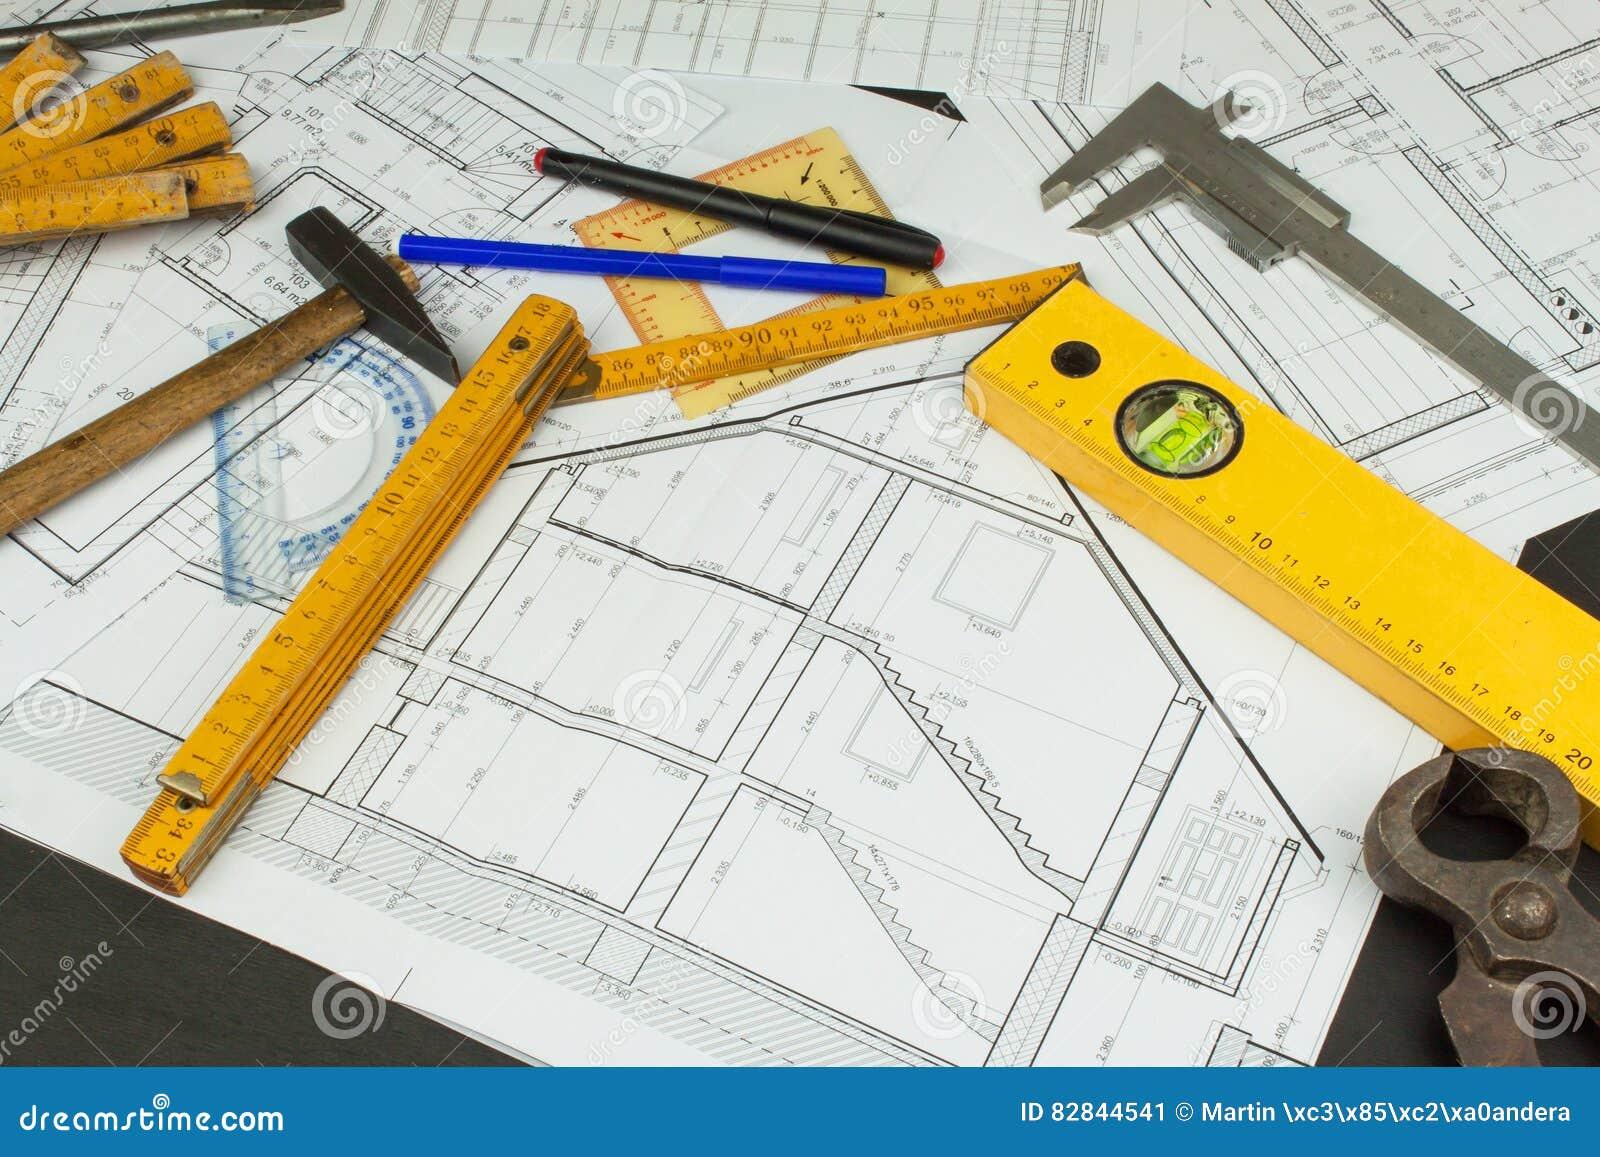 Surveillant de projet de bureau plans du b timent projet